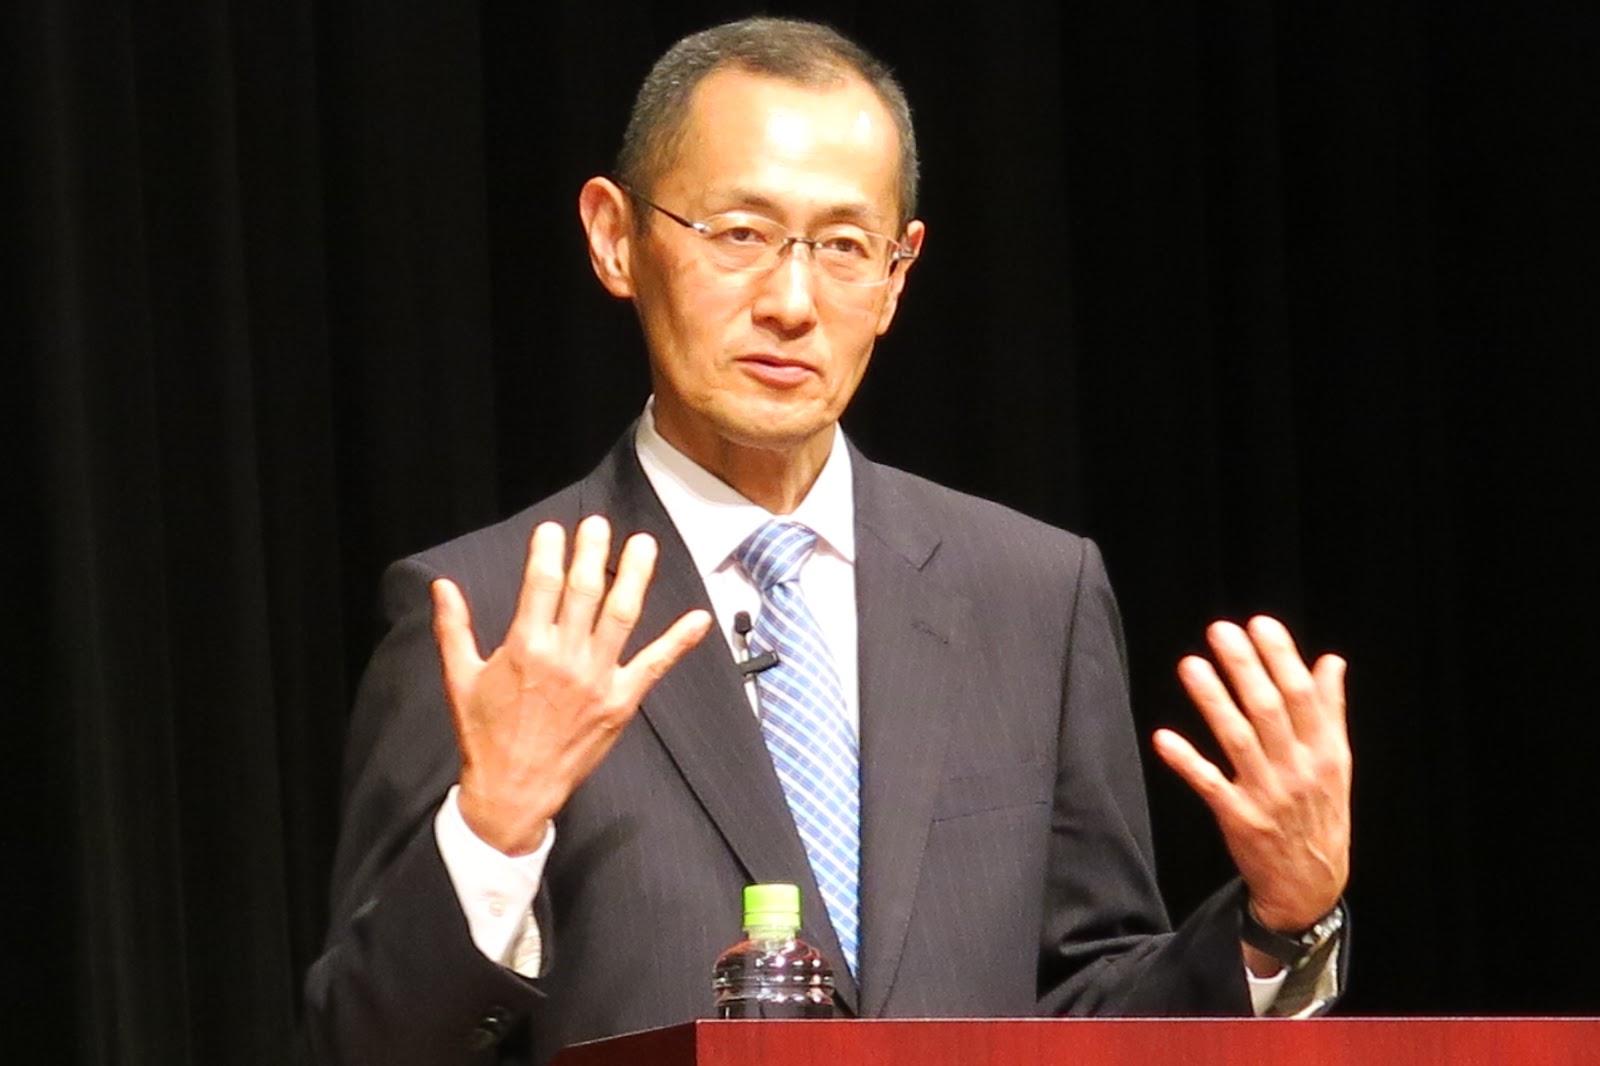 ノーベル賞の受賞者の山中伸弥博士